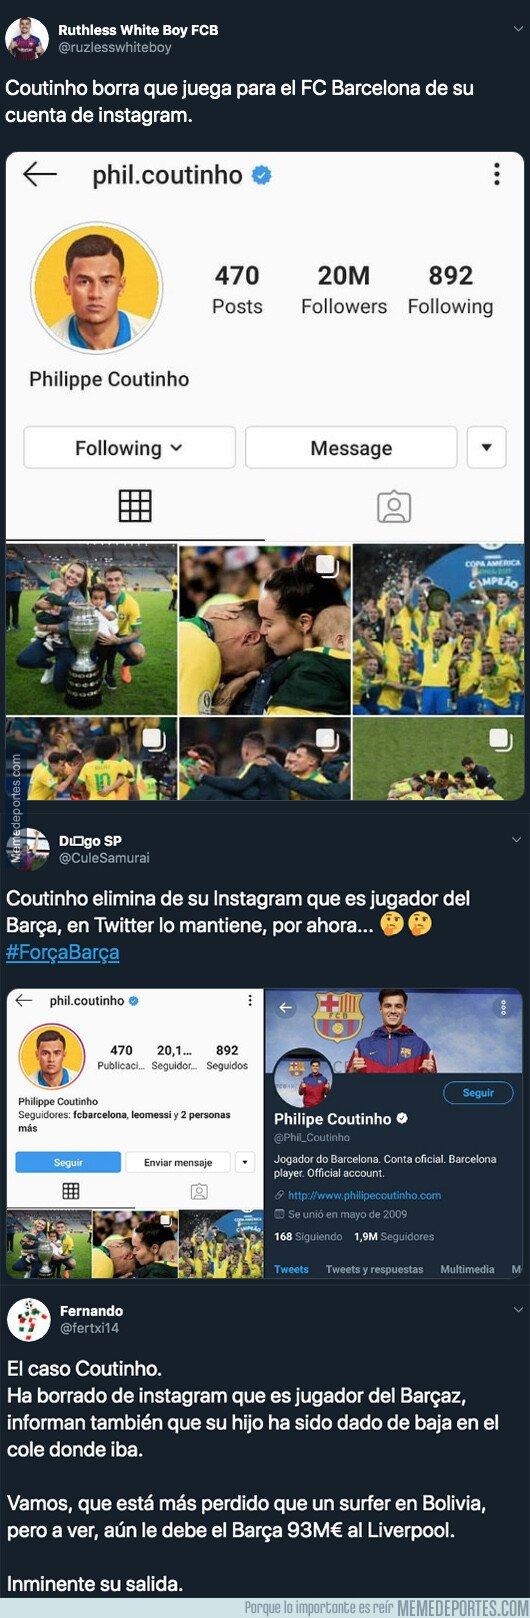 1081477 - El detalle de Coutinho en sus redes sociales que deja claro que se aleja del Barça de forma inminente